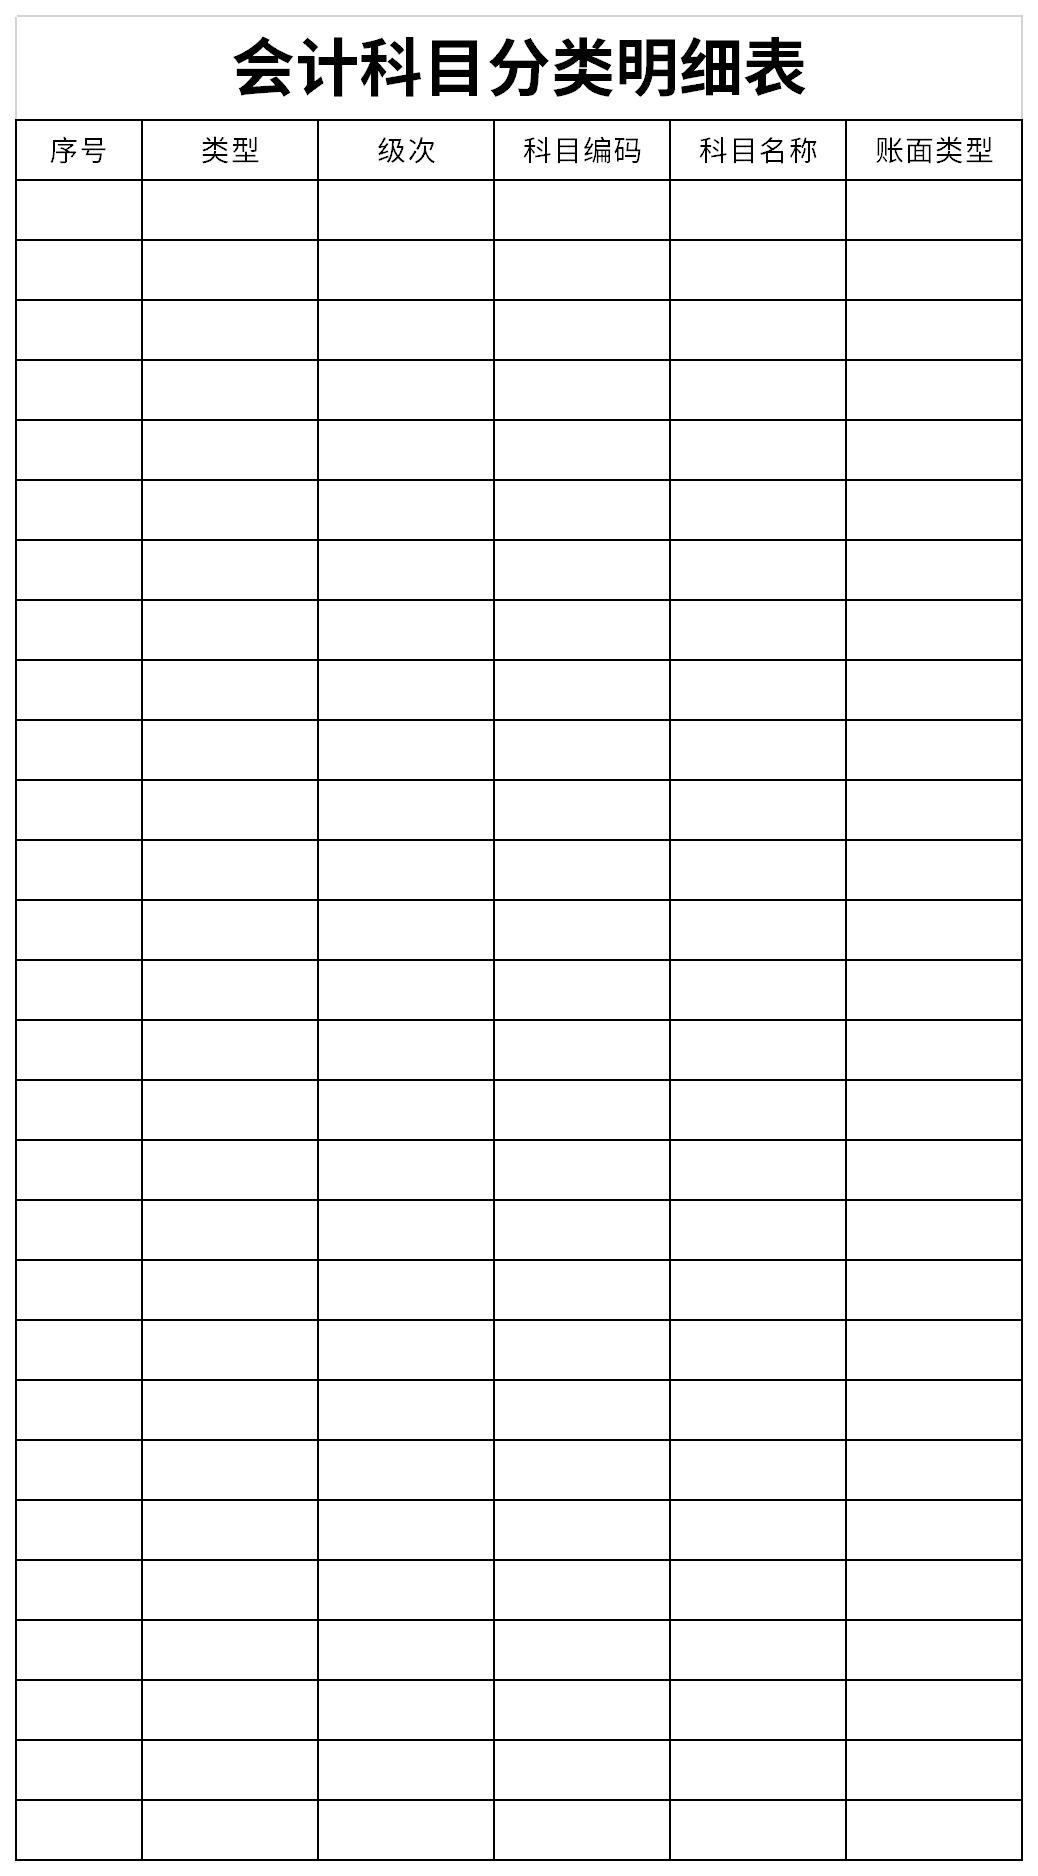 会计科目分类明细表截图